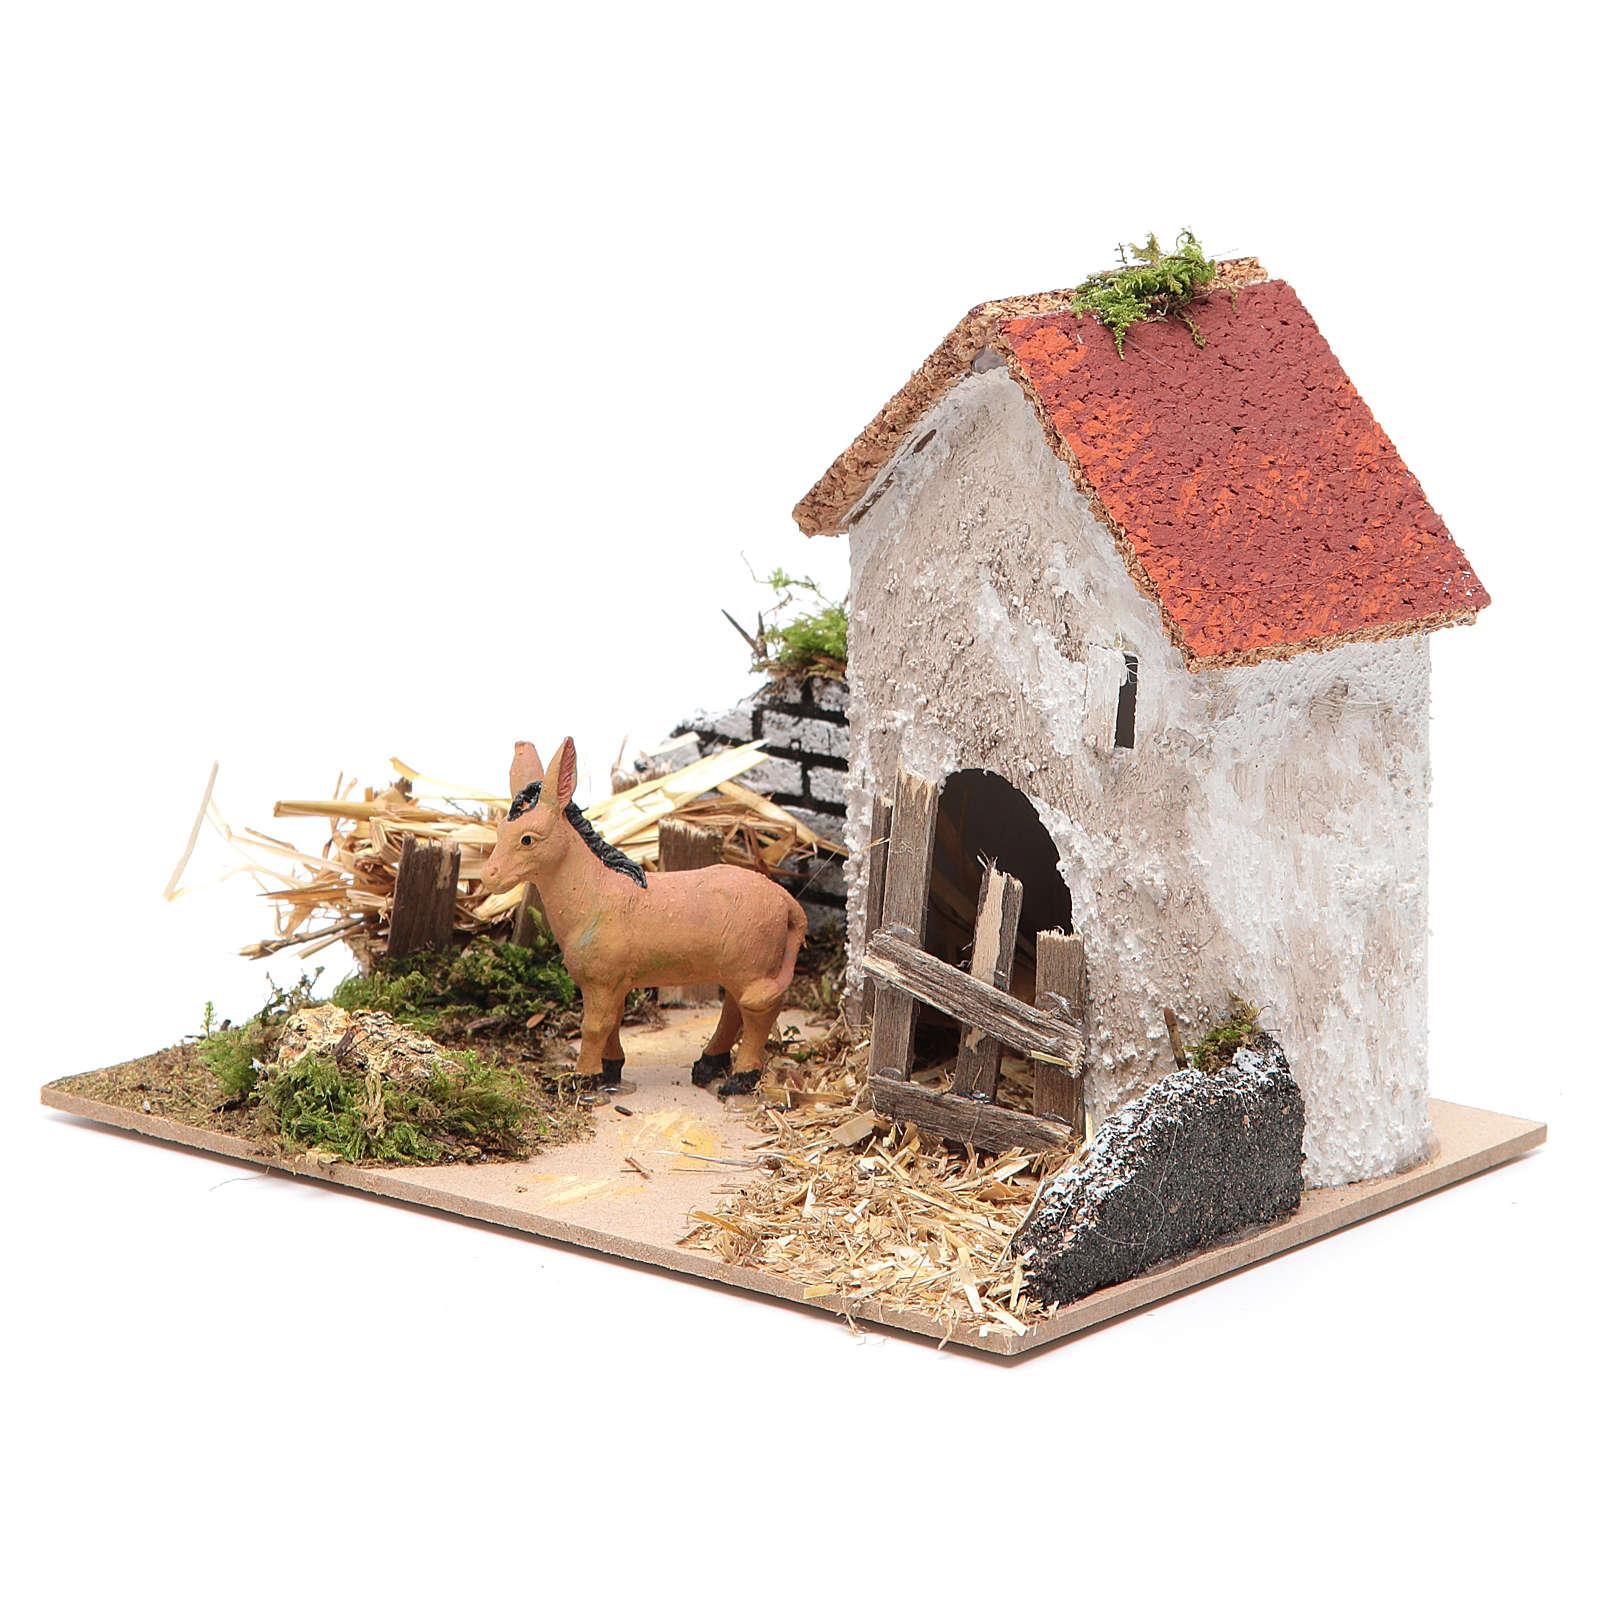 Ambientación campesina con burro 15x20x15 cm 3